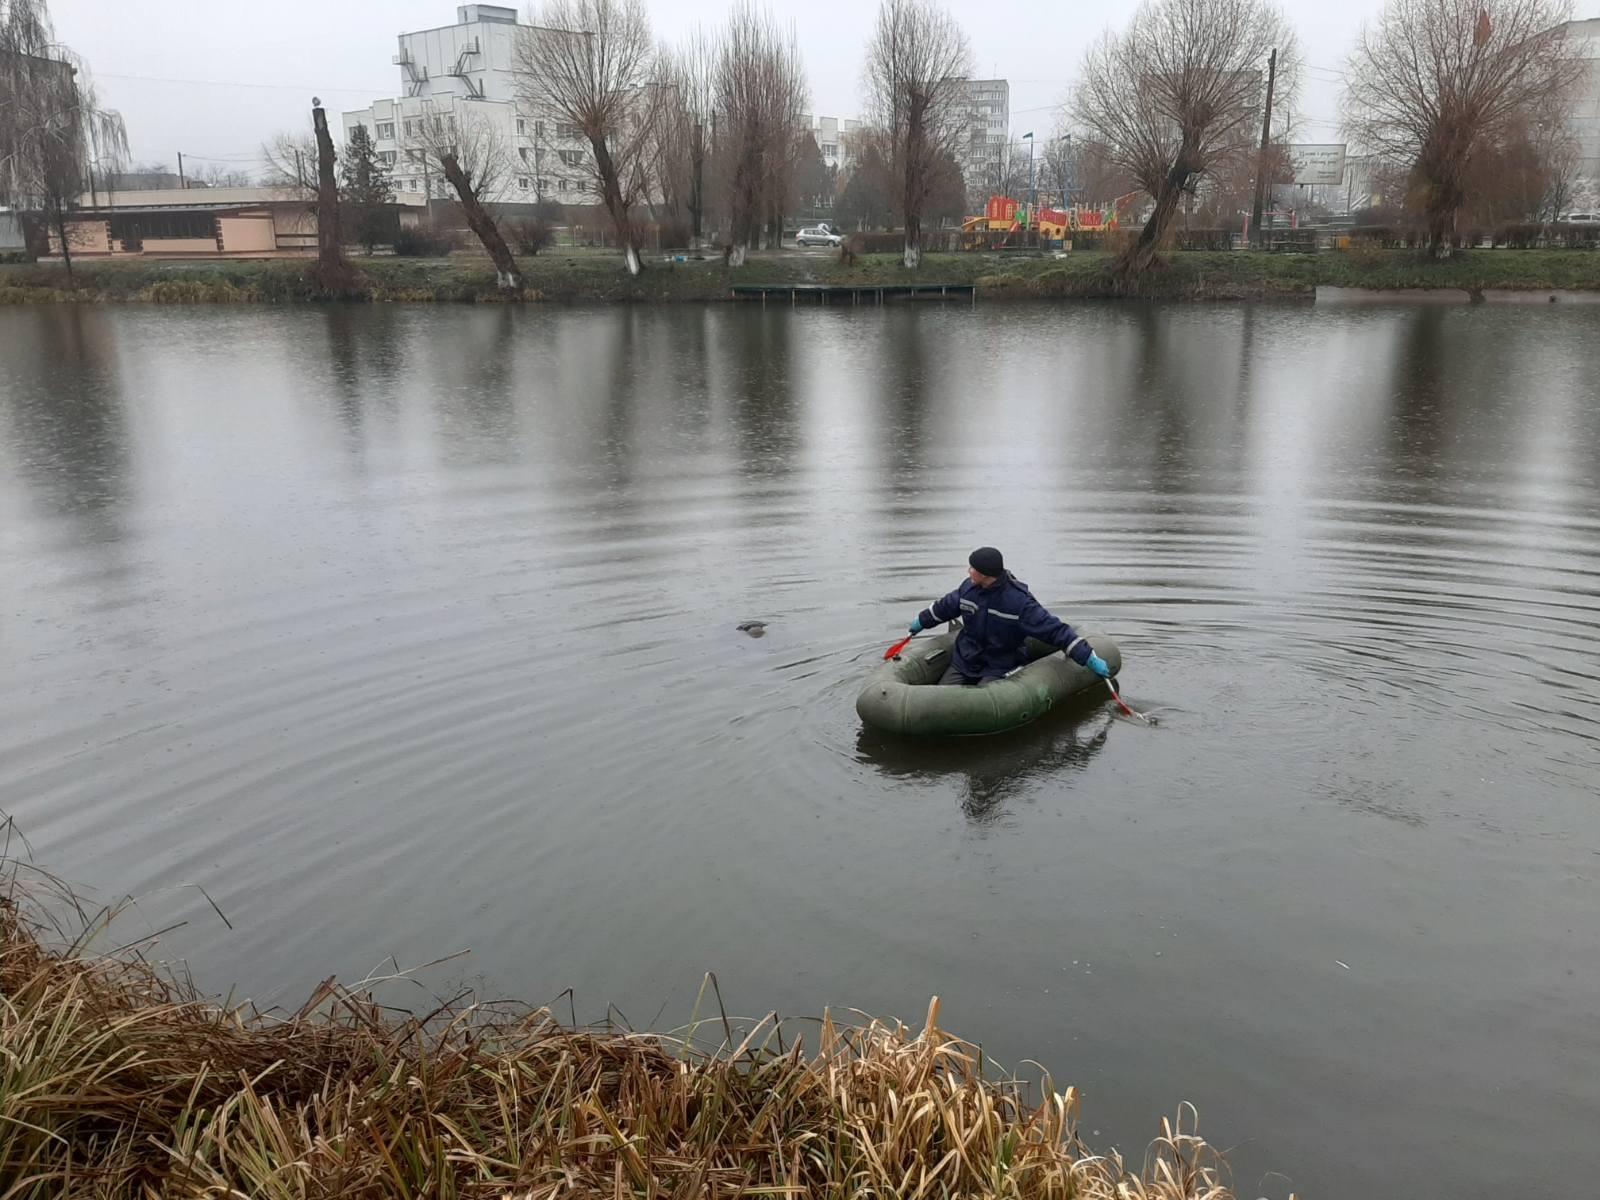 У Бородянці на Різдво з ставка дістали тіло жінки - потопельники, потопельник, загибель людини - 74D3FE59 85C2 41C4 AD8E 4E65AA2AD8ED